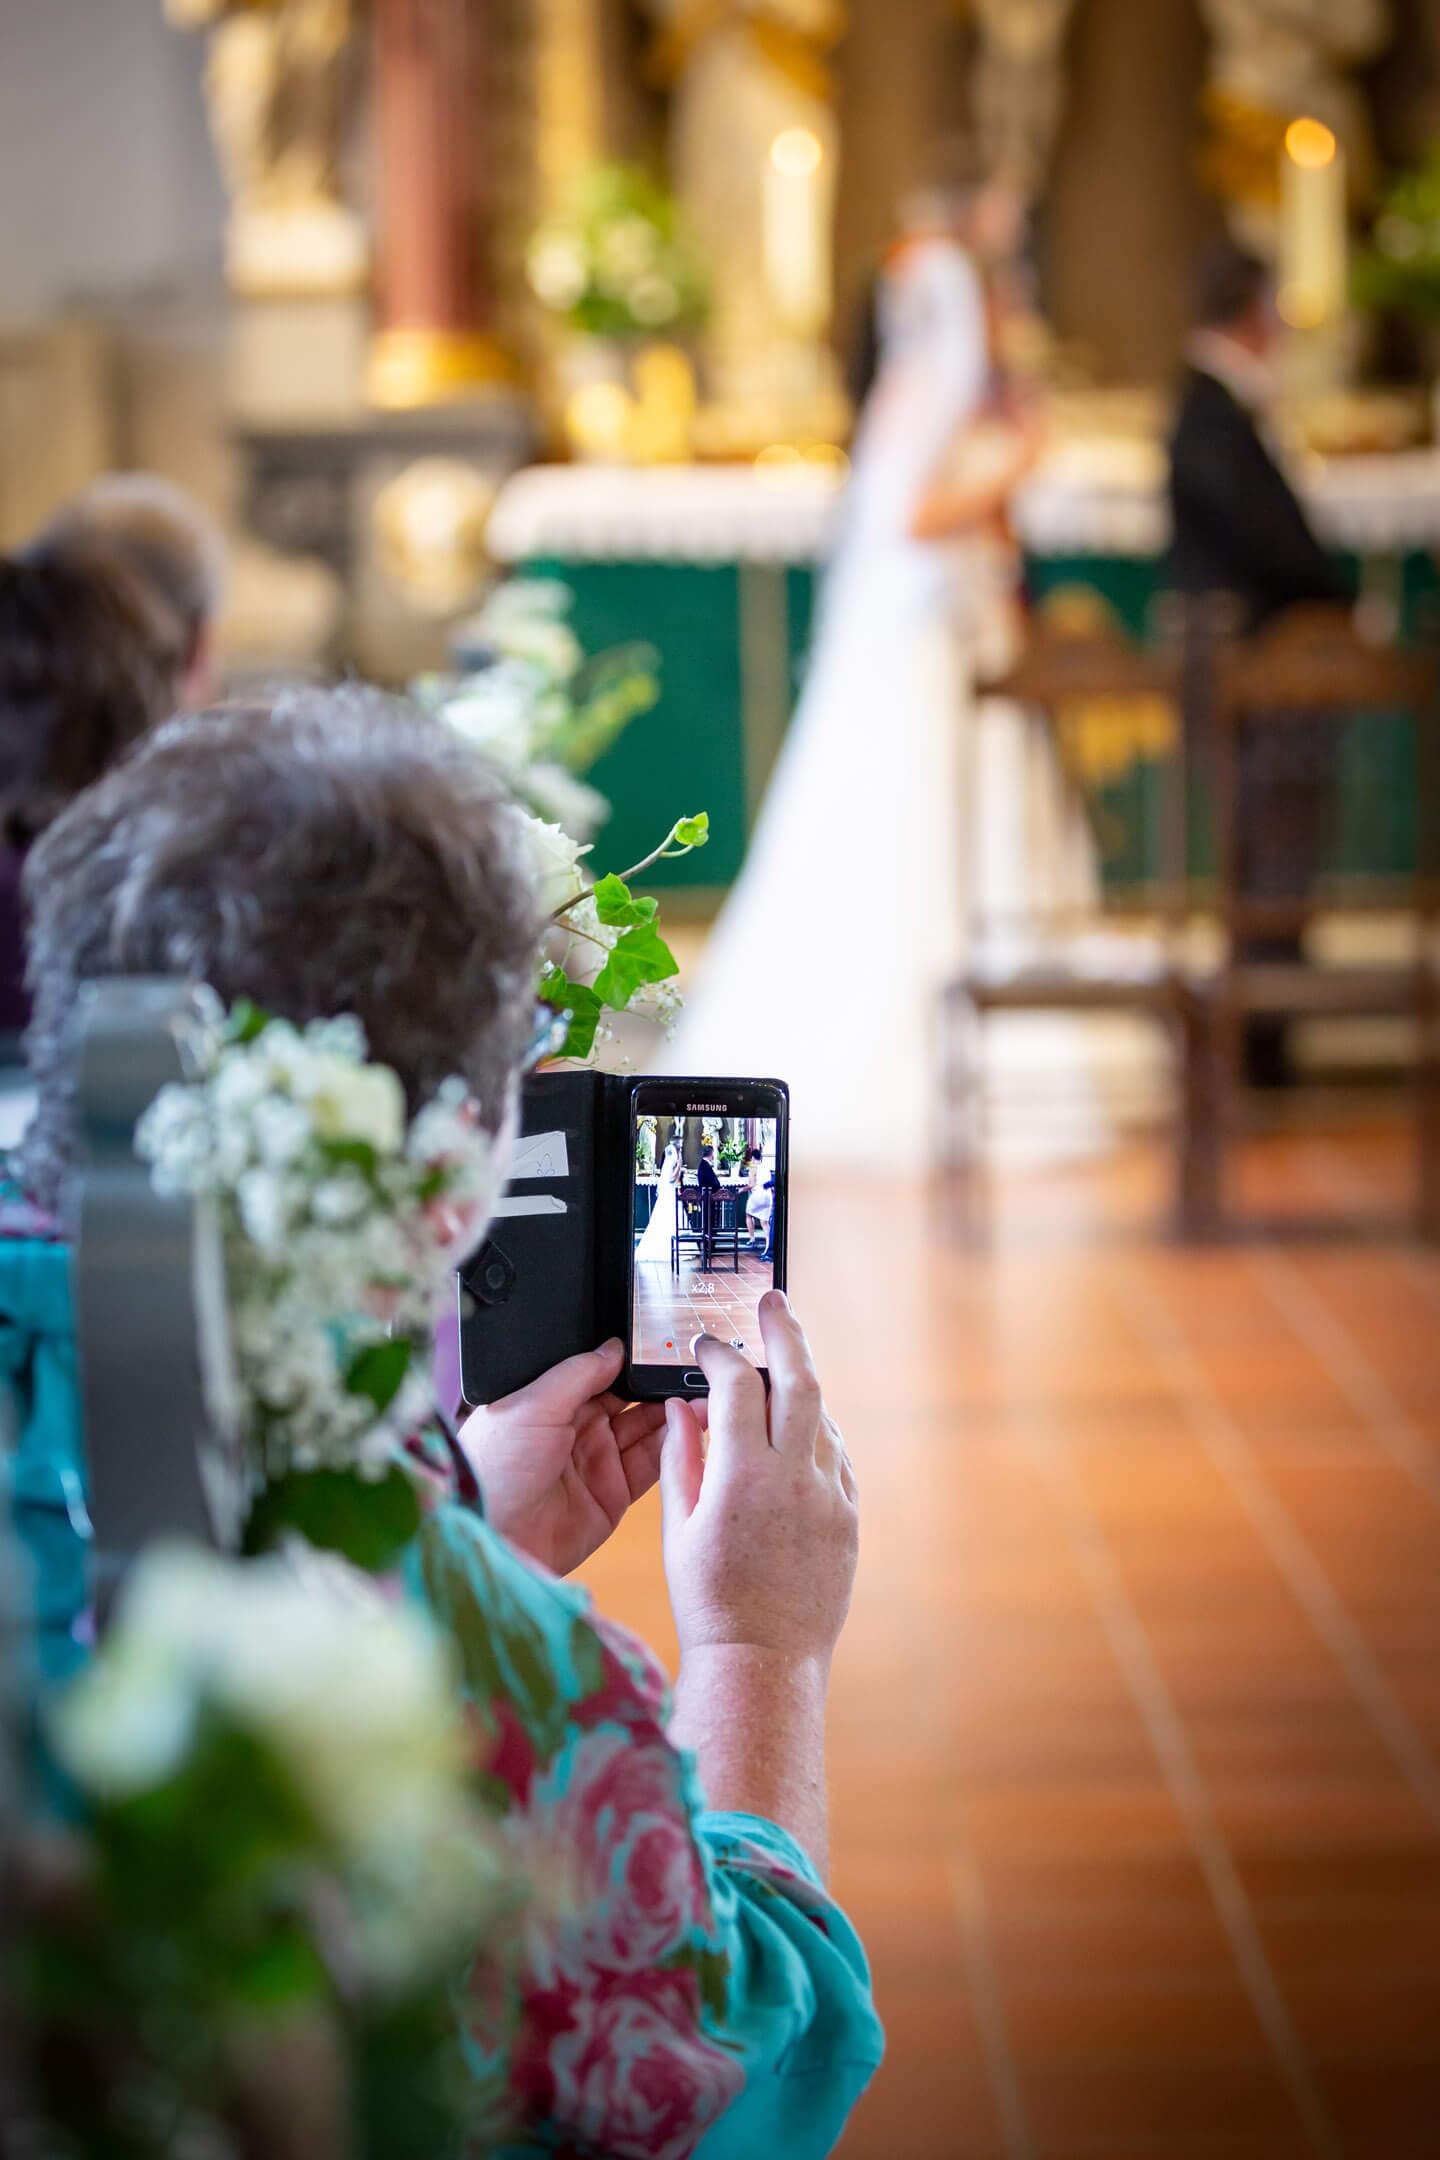 Kirchenbesucherin macht während der Trauung ein handyfoto vom Hochzeitspaar